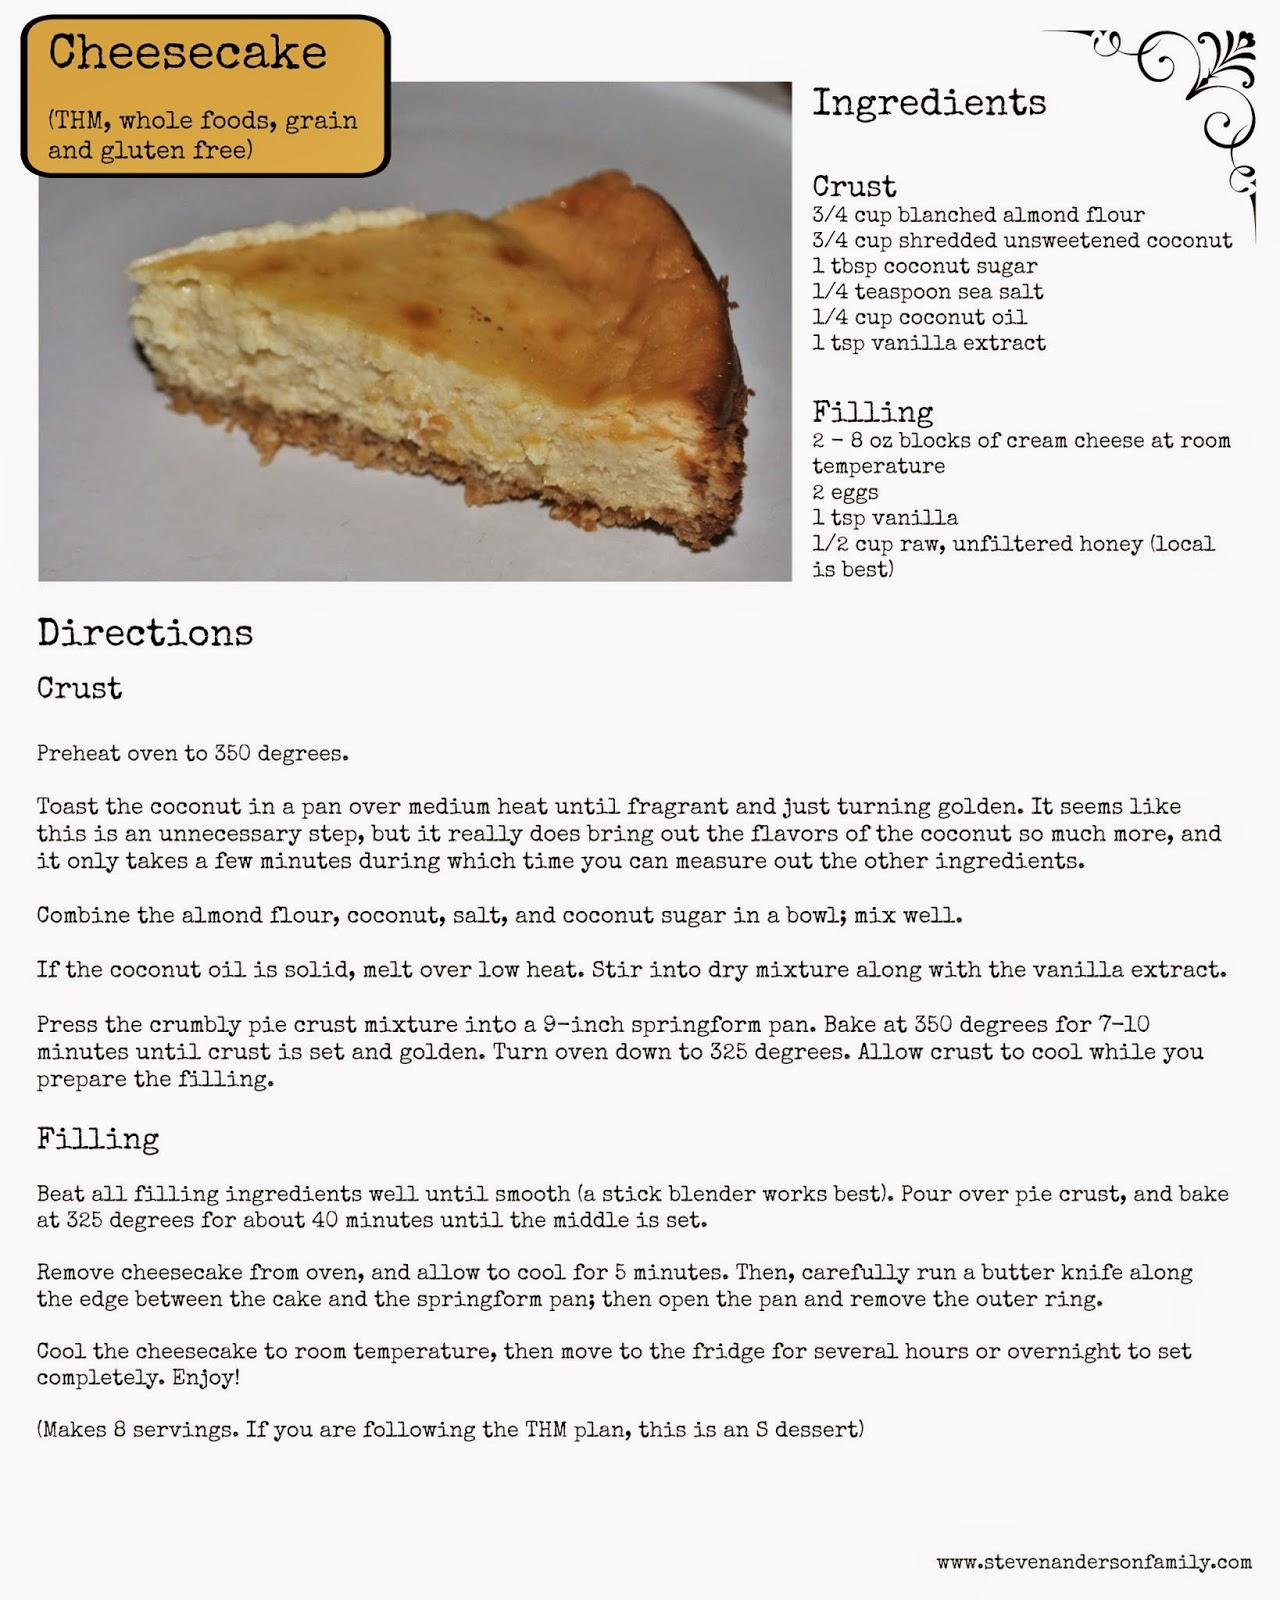 http://2.bp.blogspot.com/-YhnGBkSzdZY/VDa3Ms9p-OI/AAAAAAAAKis/3hF3Ytf1Sis/s1600/cheesecake.jpg